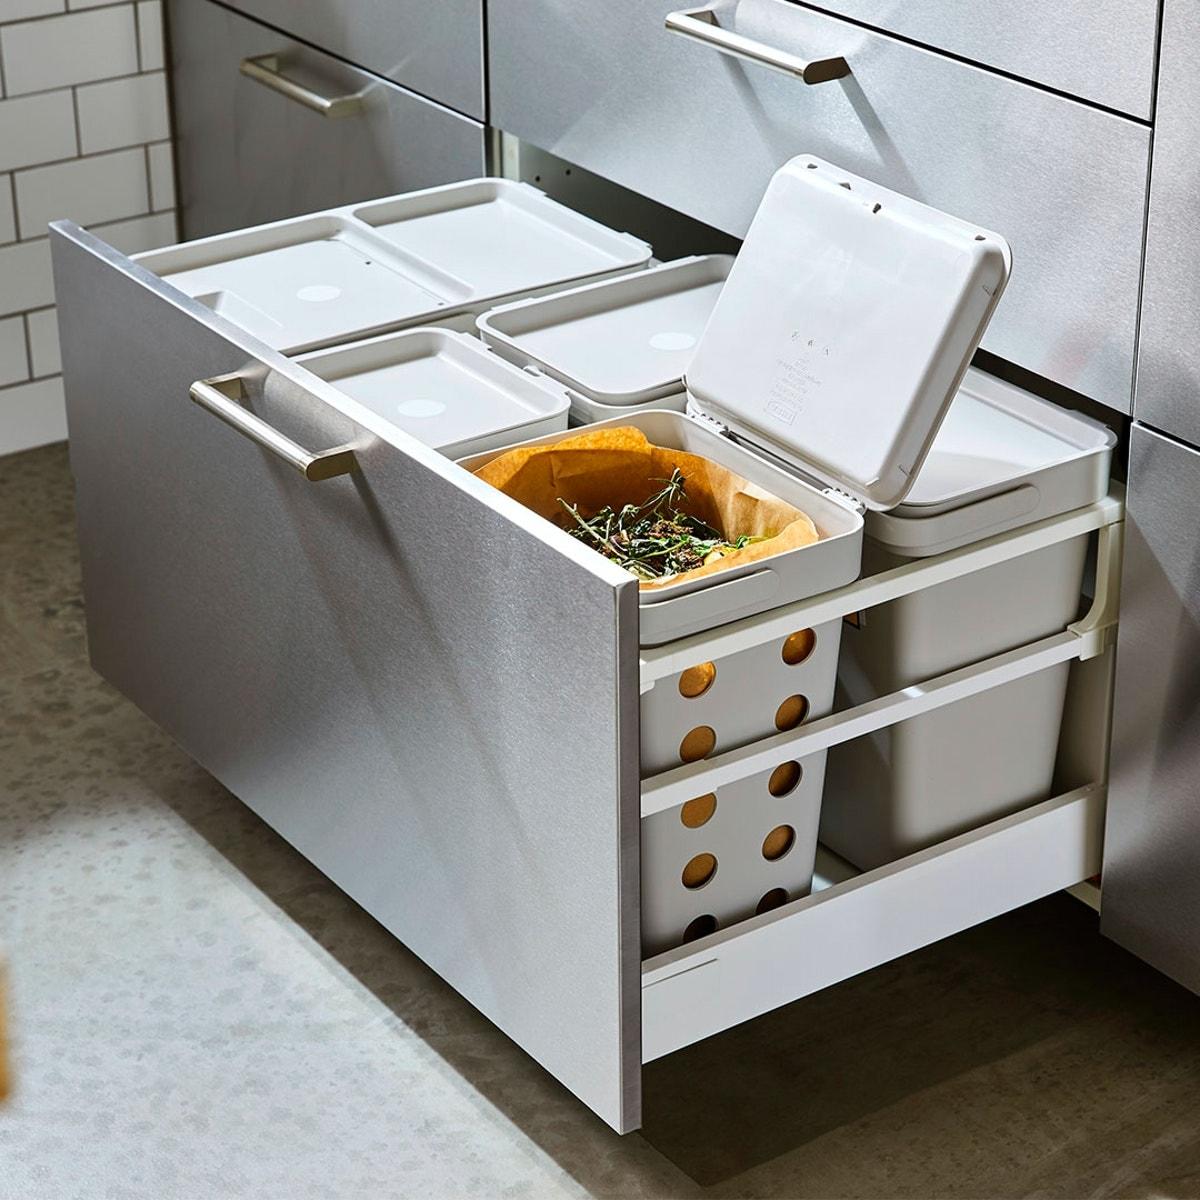 Cassetto cucina con sistema componibile per la raccolta differenziata - IKEA